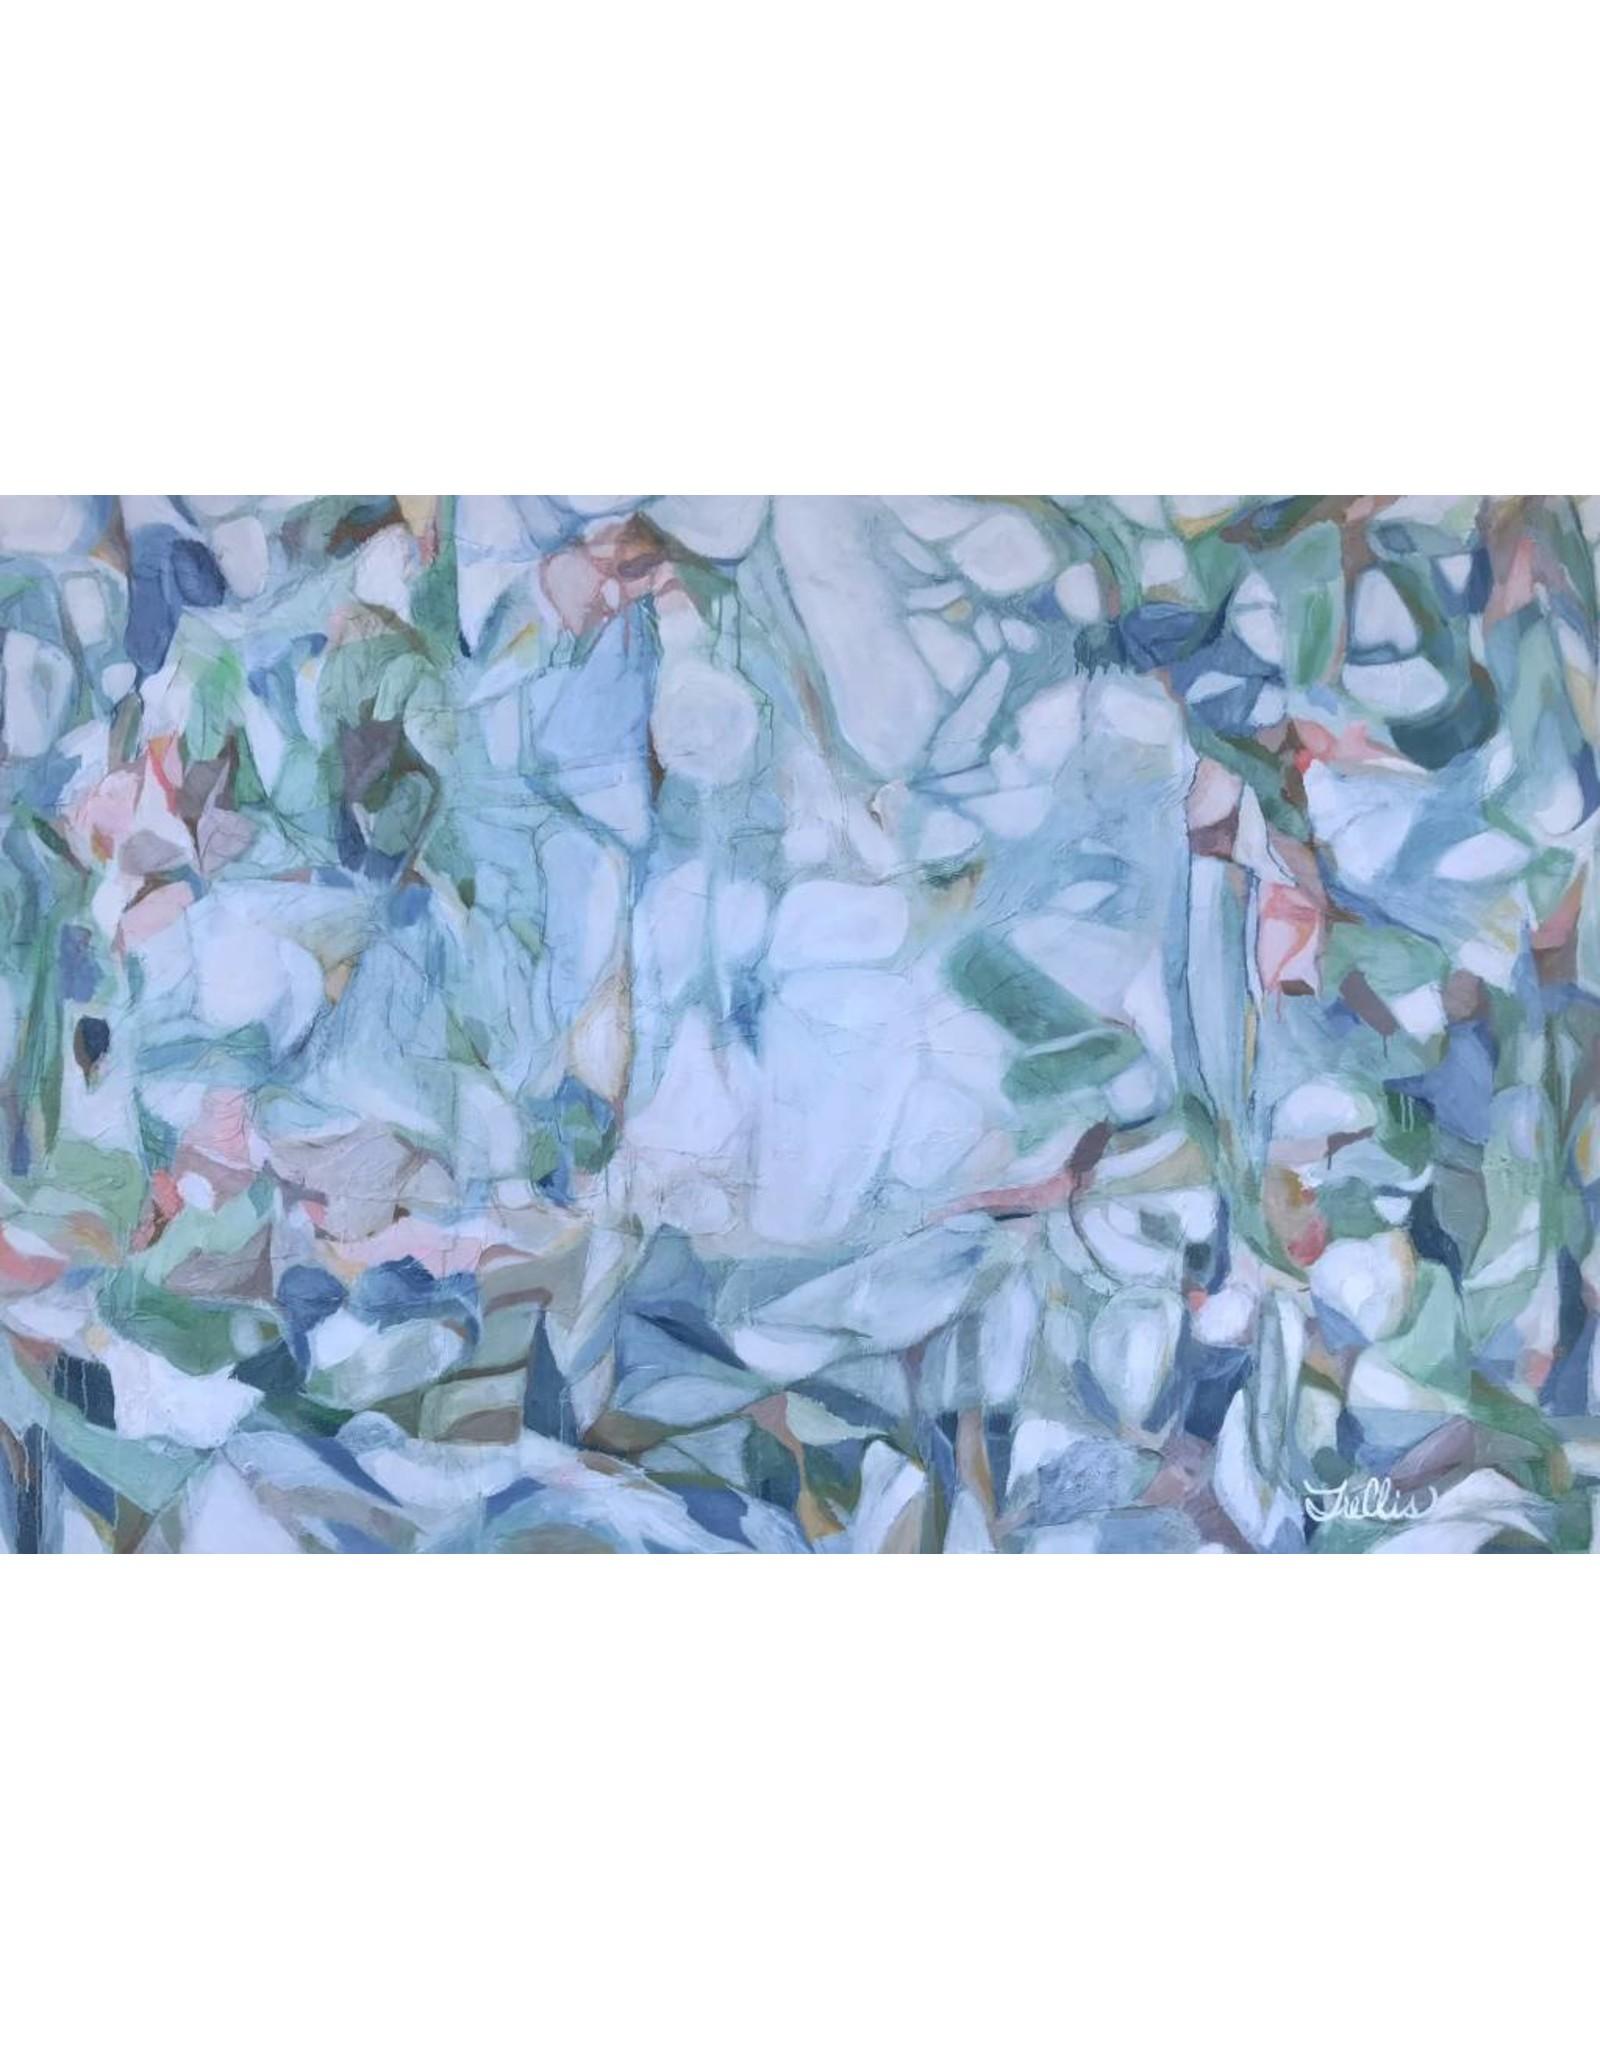 Trellis' Art Abstract 2A Euphoria